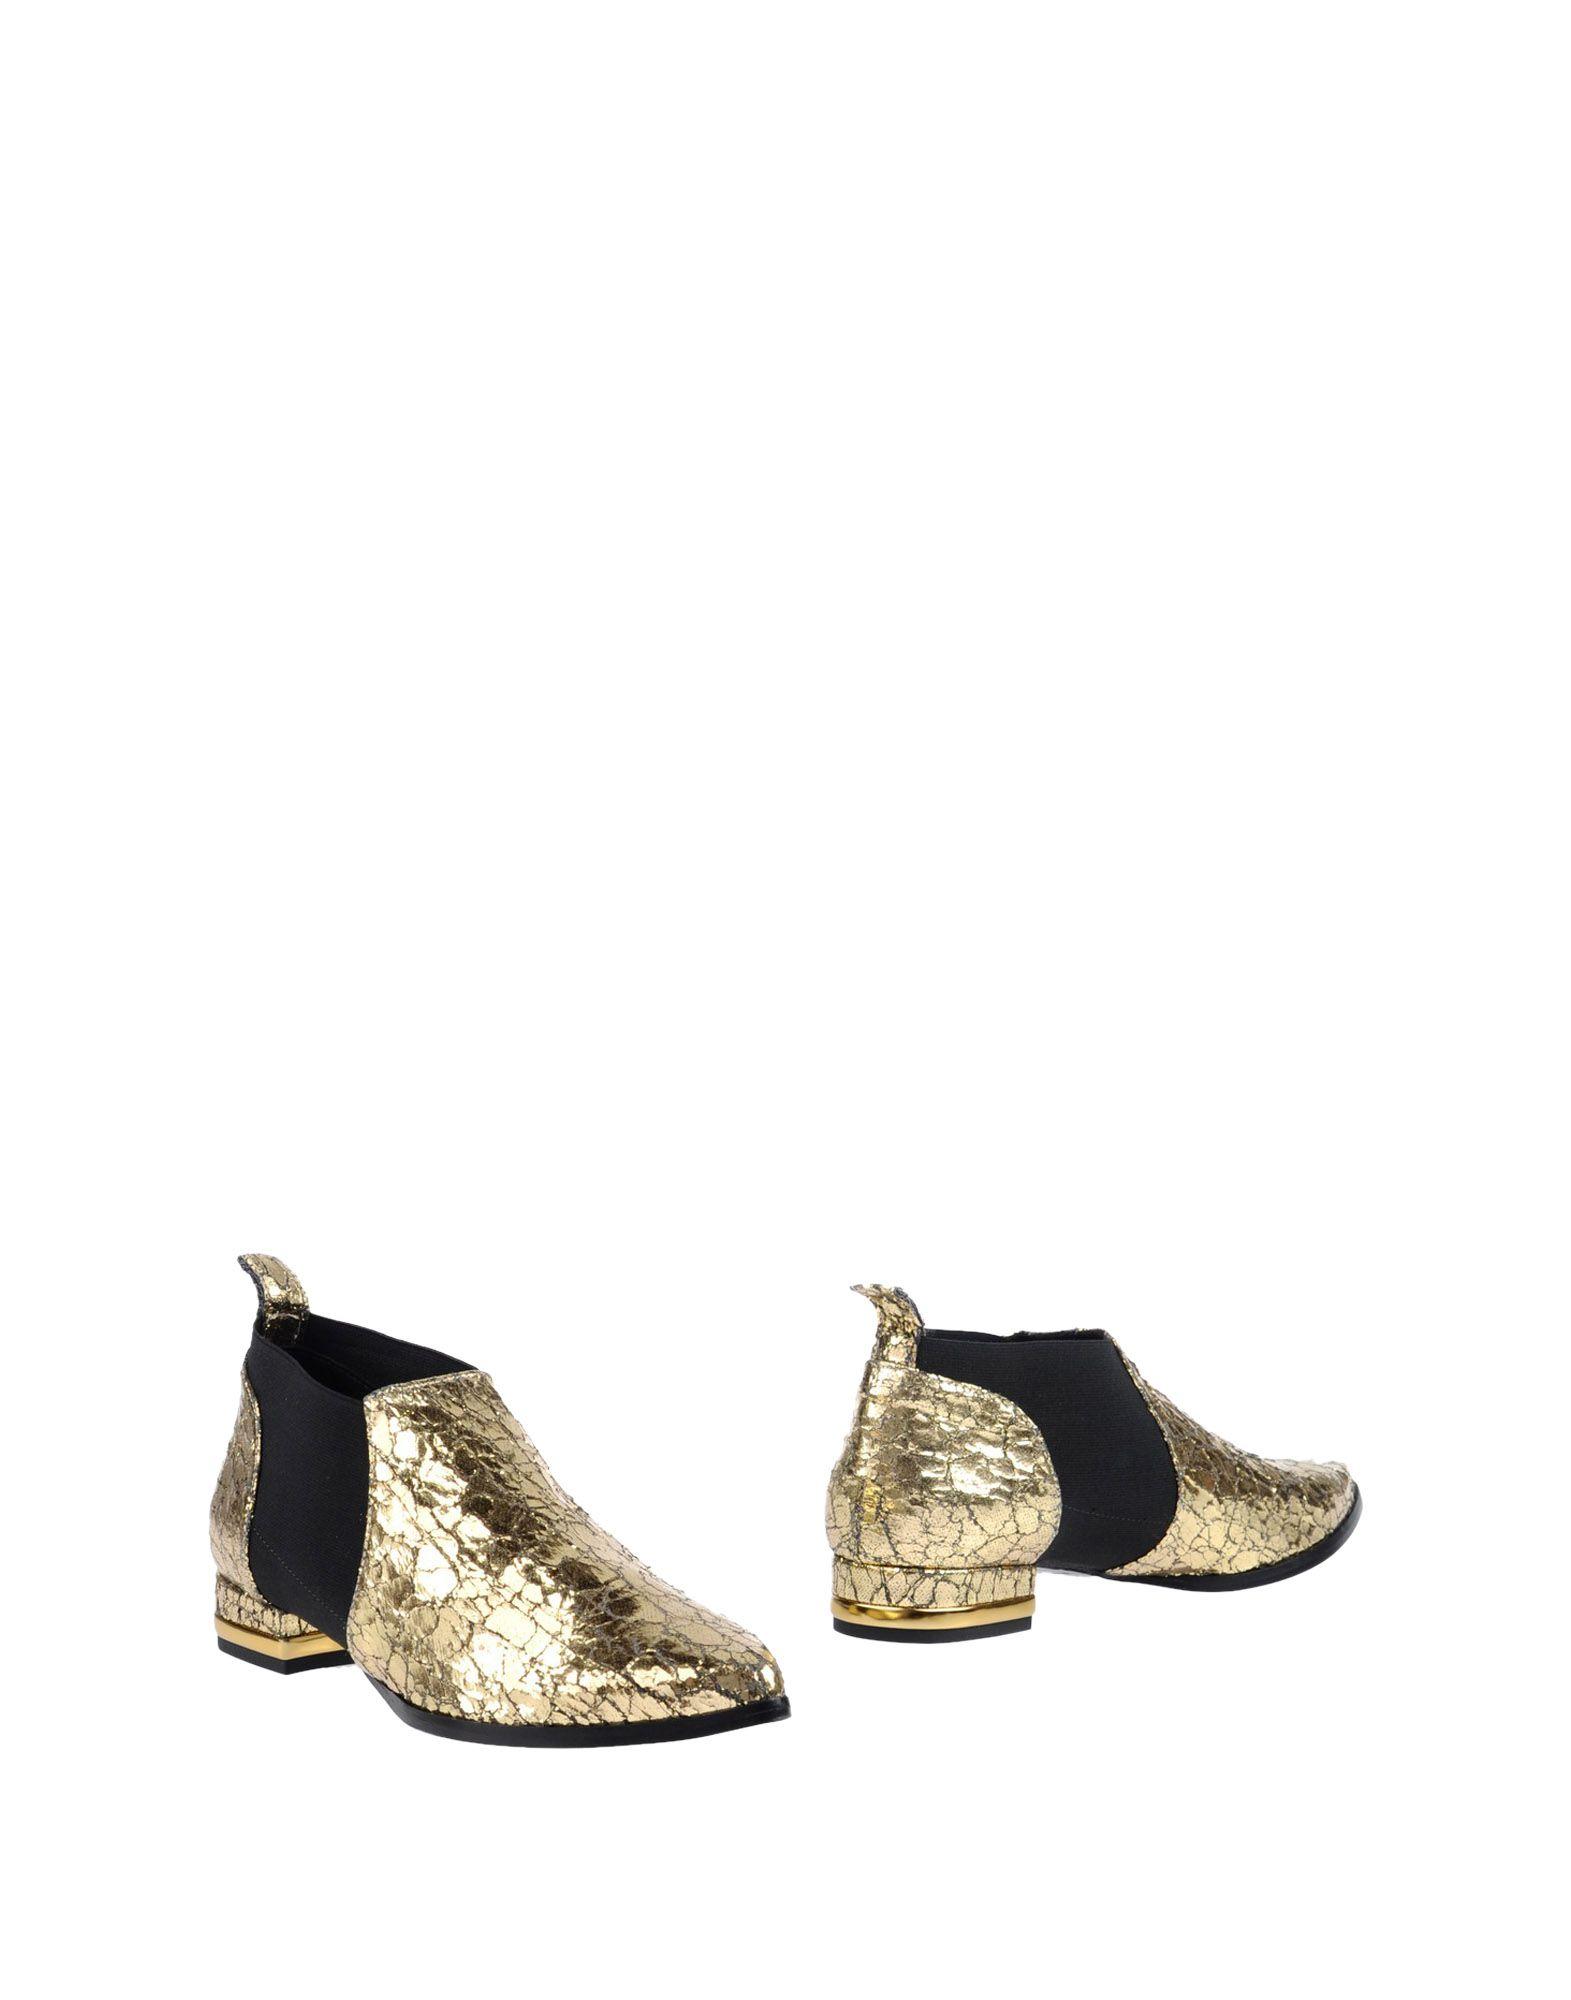 Chelsea Boots Tipe E Tacchi Donna - 11250568TV